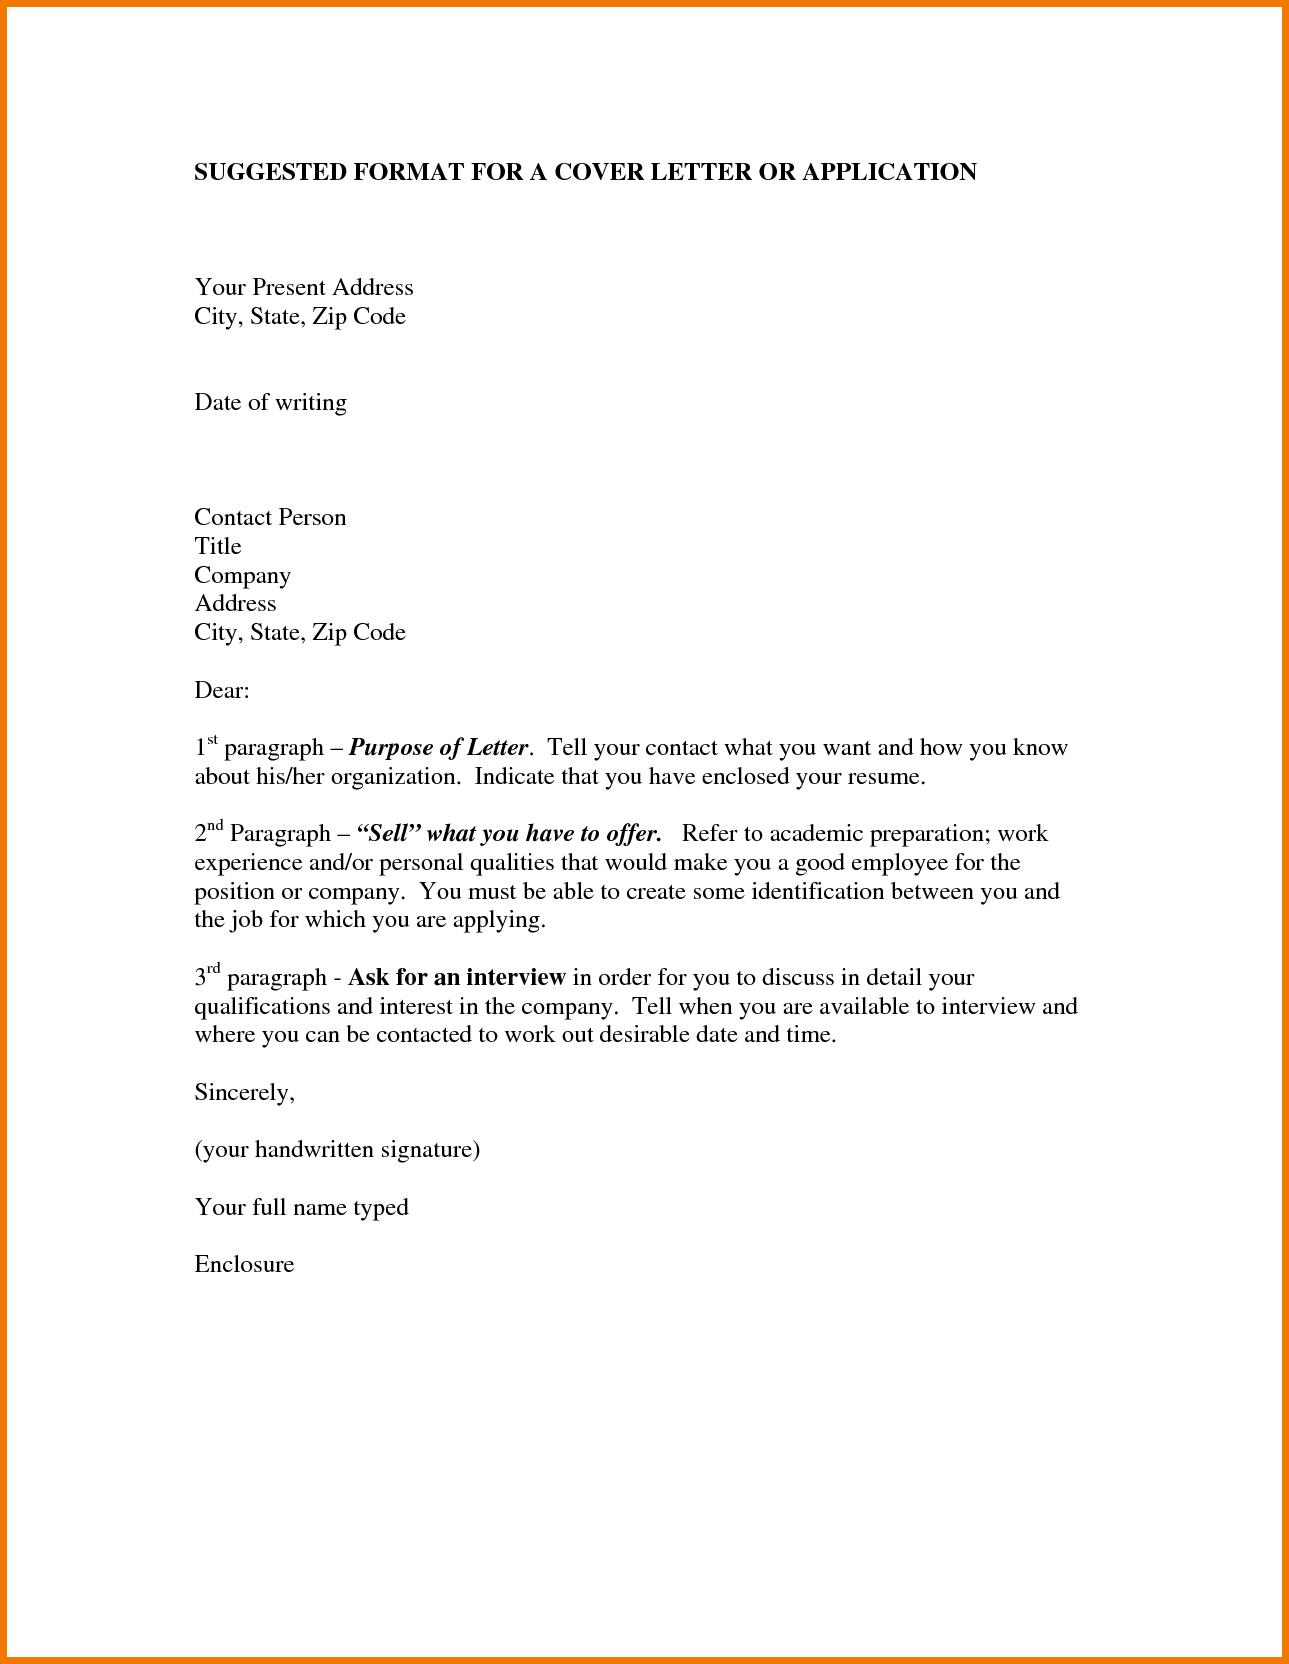 Job Application Letter In A School Krys Tk